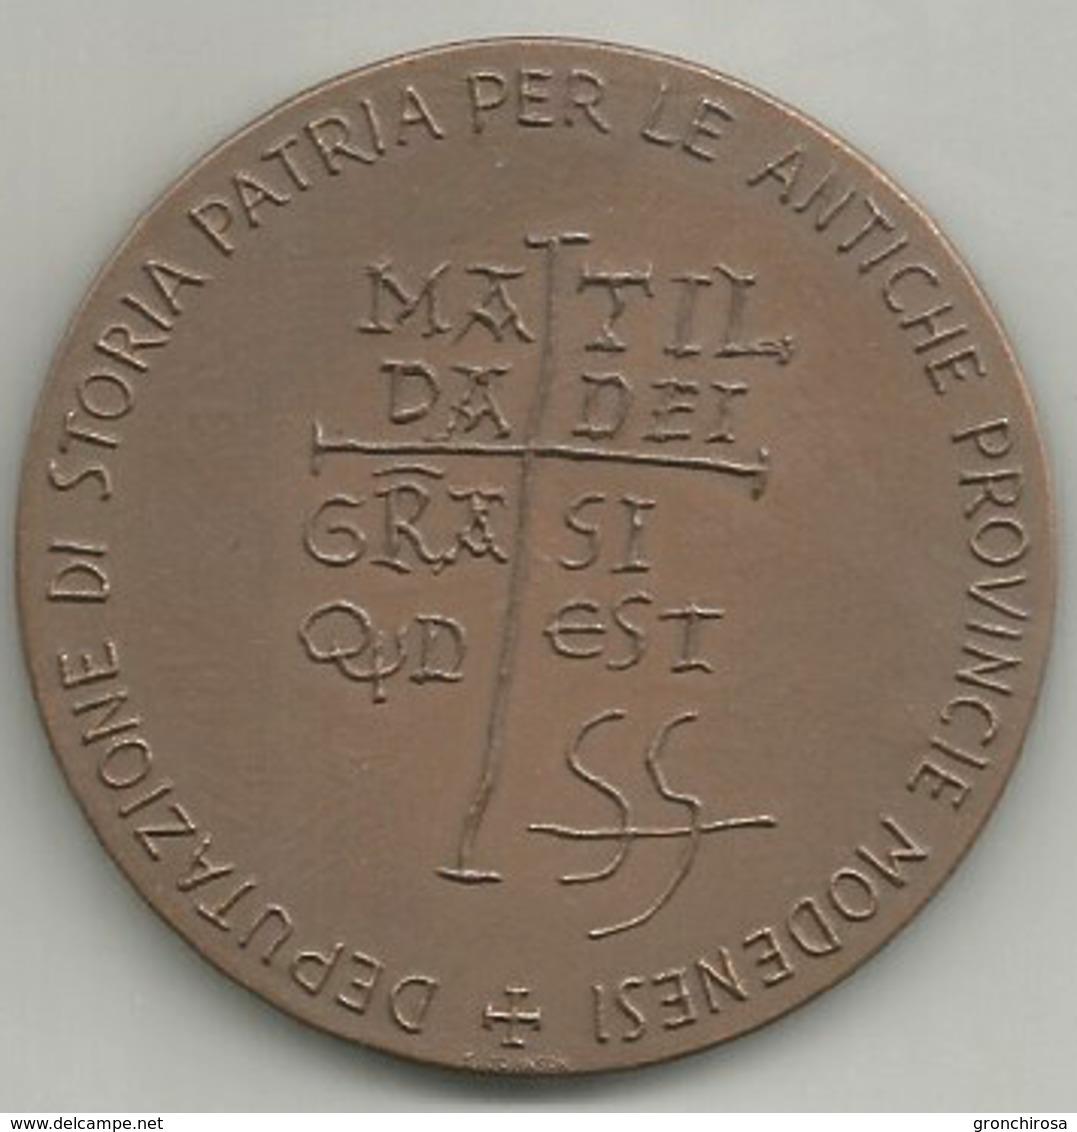 Matilde Di Canossa 1970 II° Convegno Di Studi, Deputazione Storia Patria Antiche Provincie Modenesi, Ae. Gr. 29, Cm. 4,5 - Altri